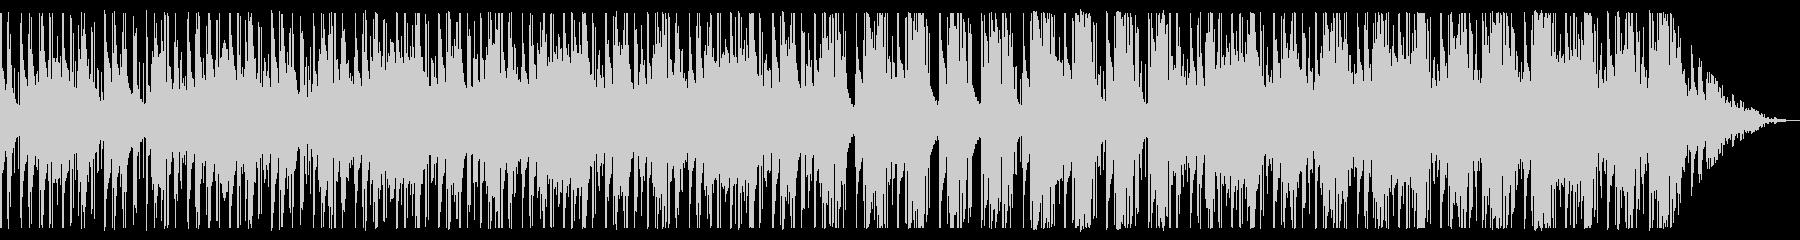 ローファイヒップポップ_No587_1の未再生の波形